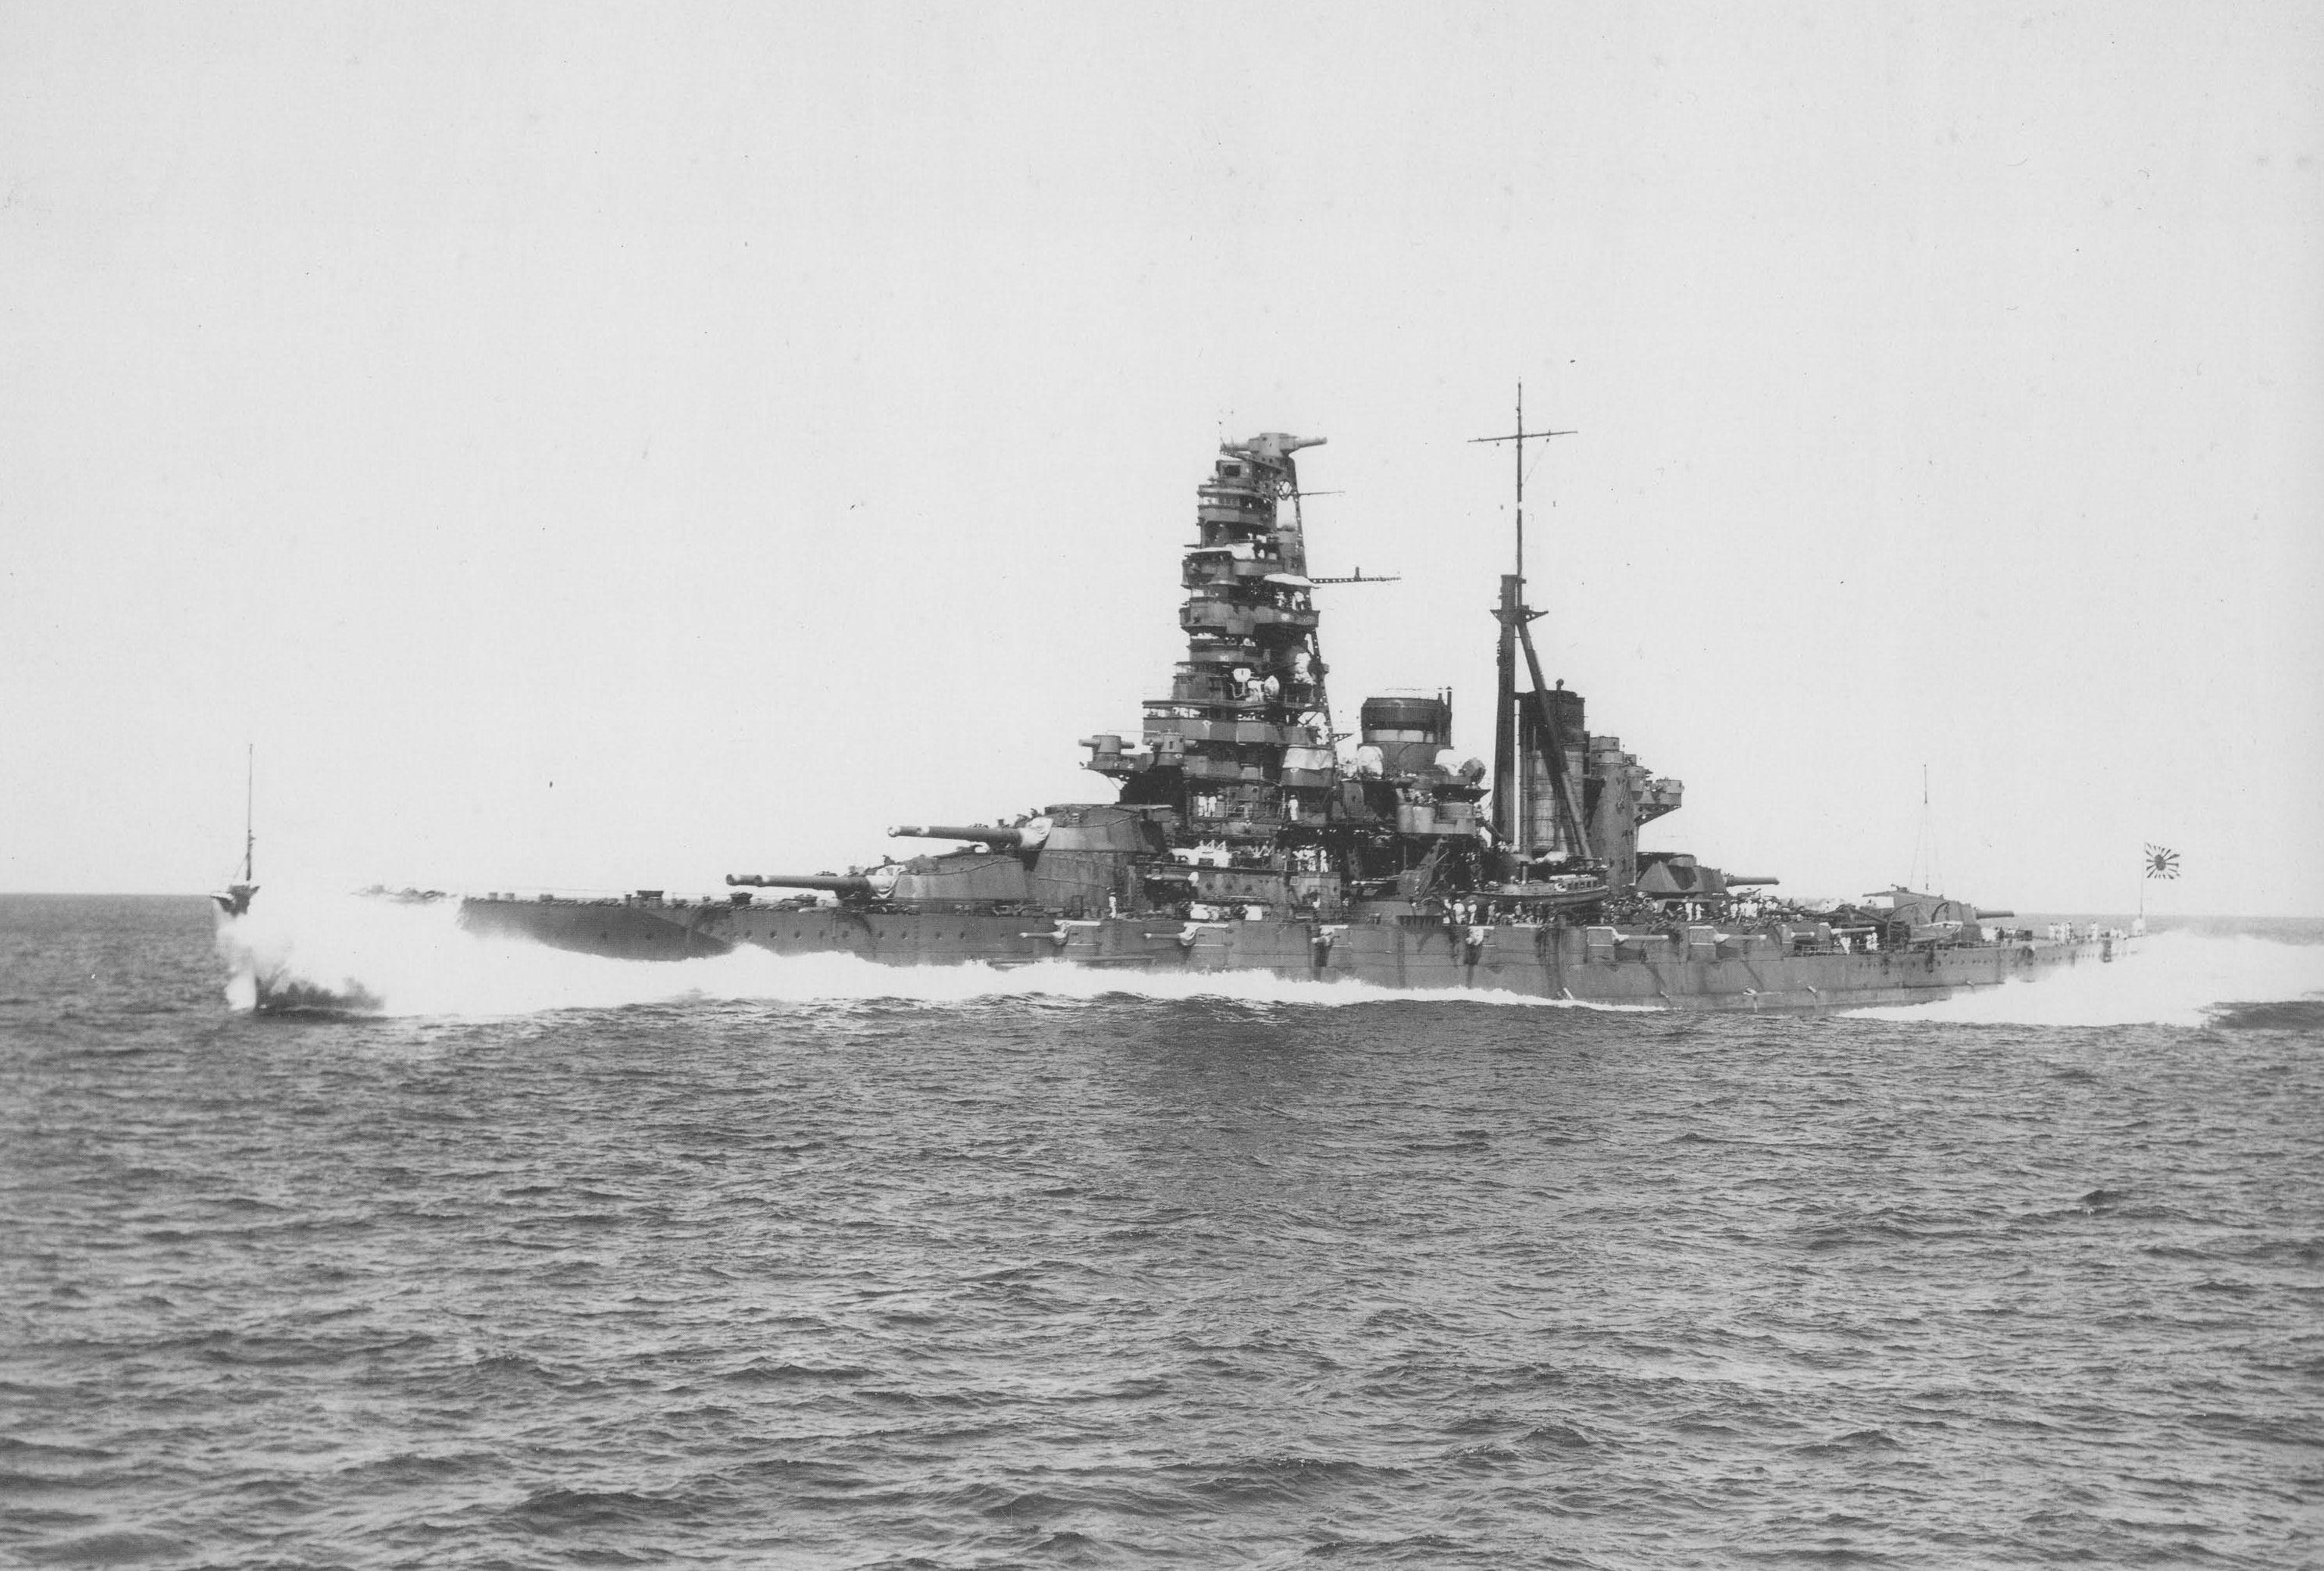 Battleship Haruna